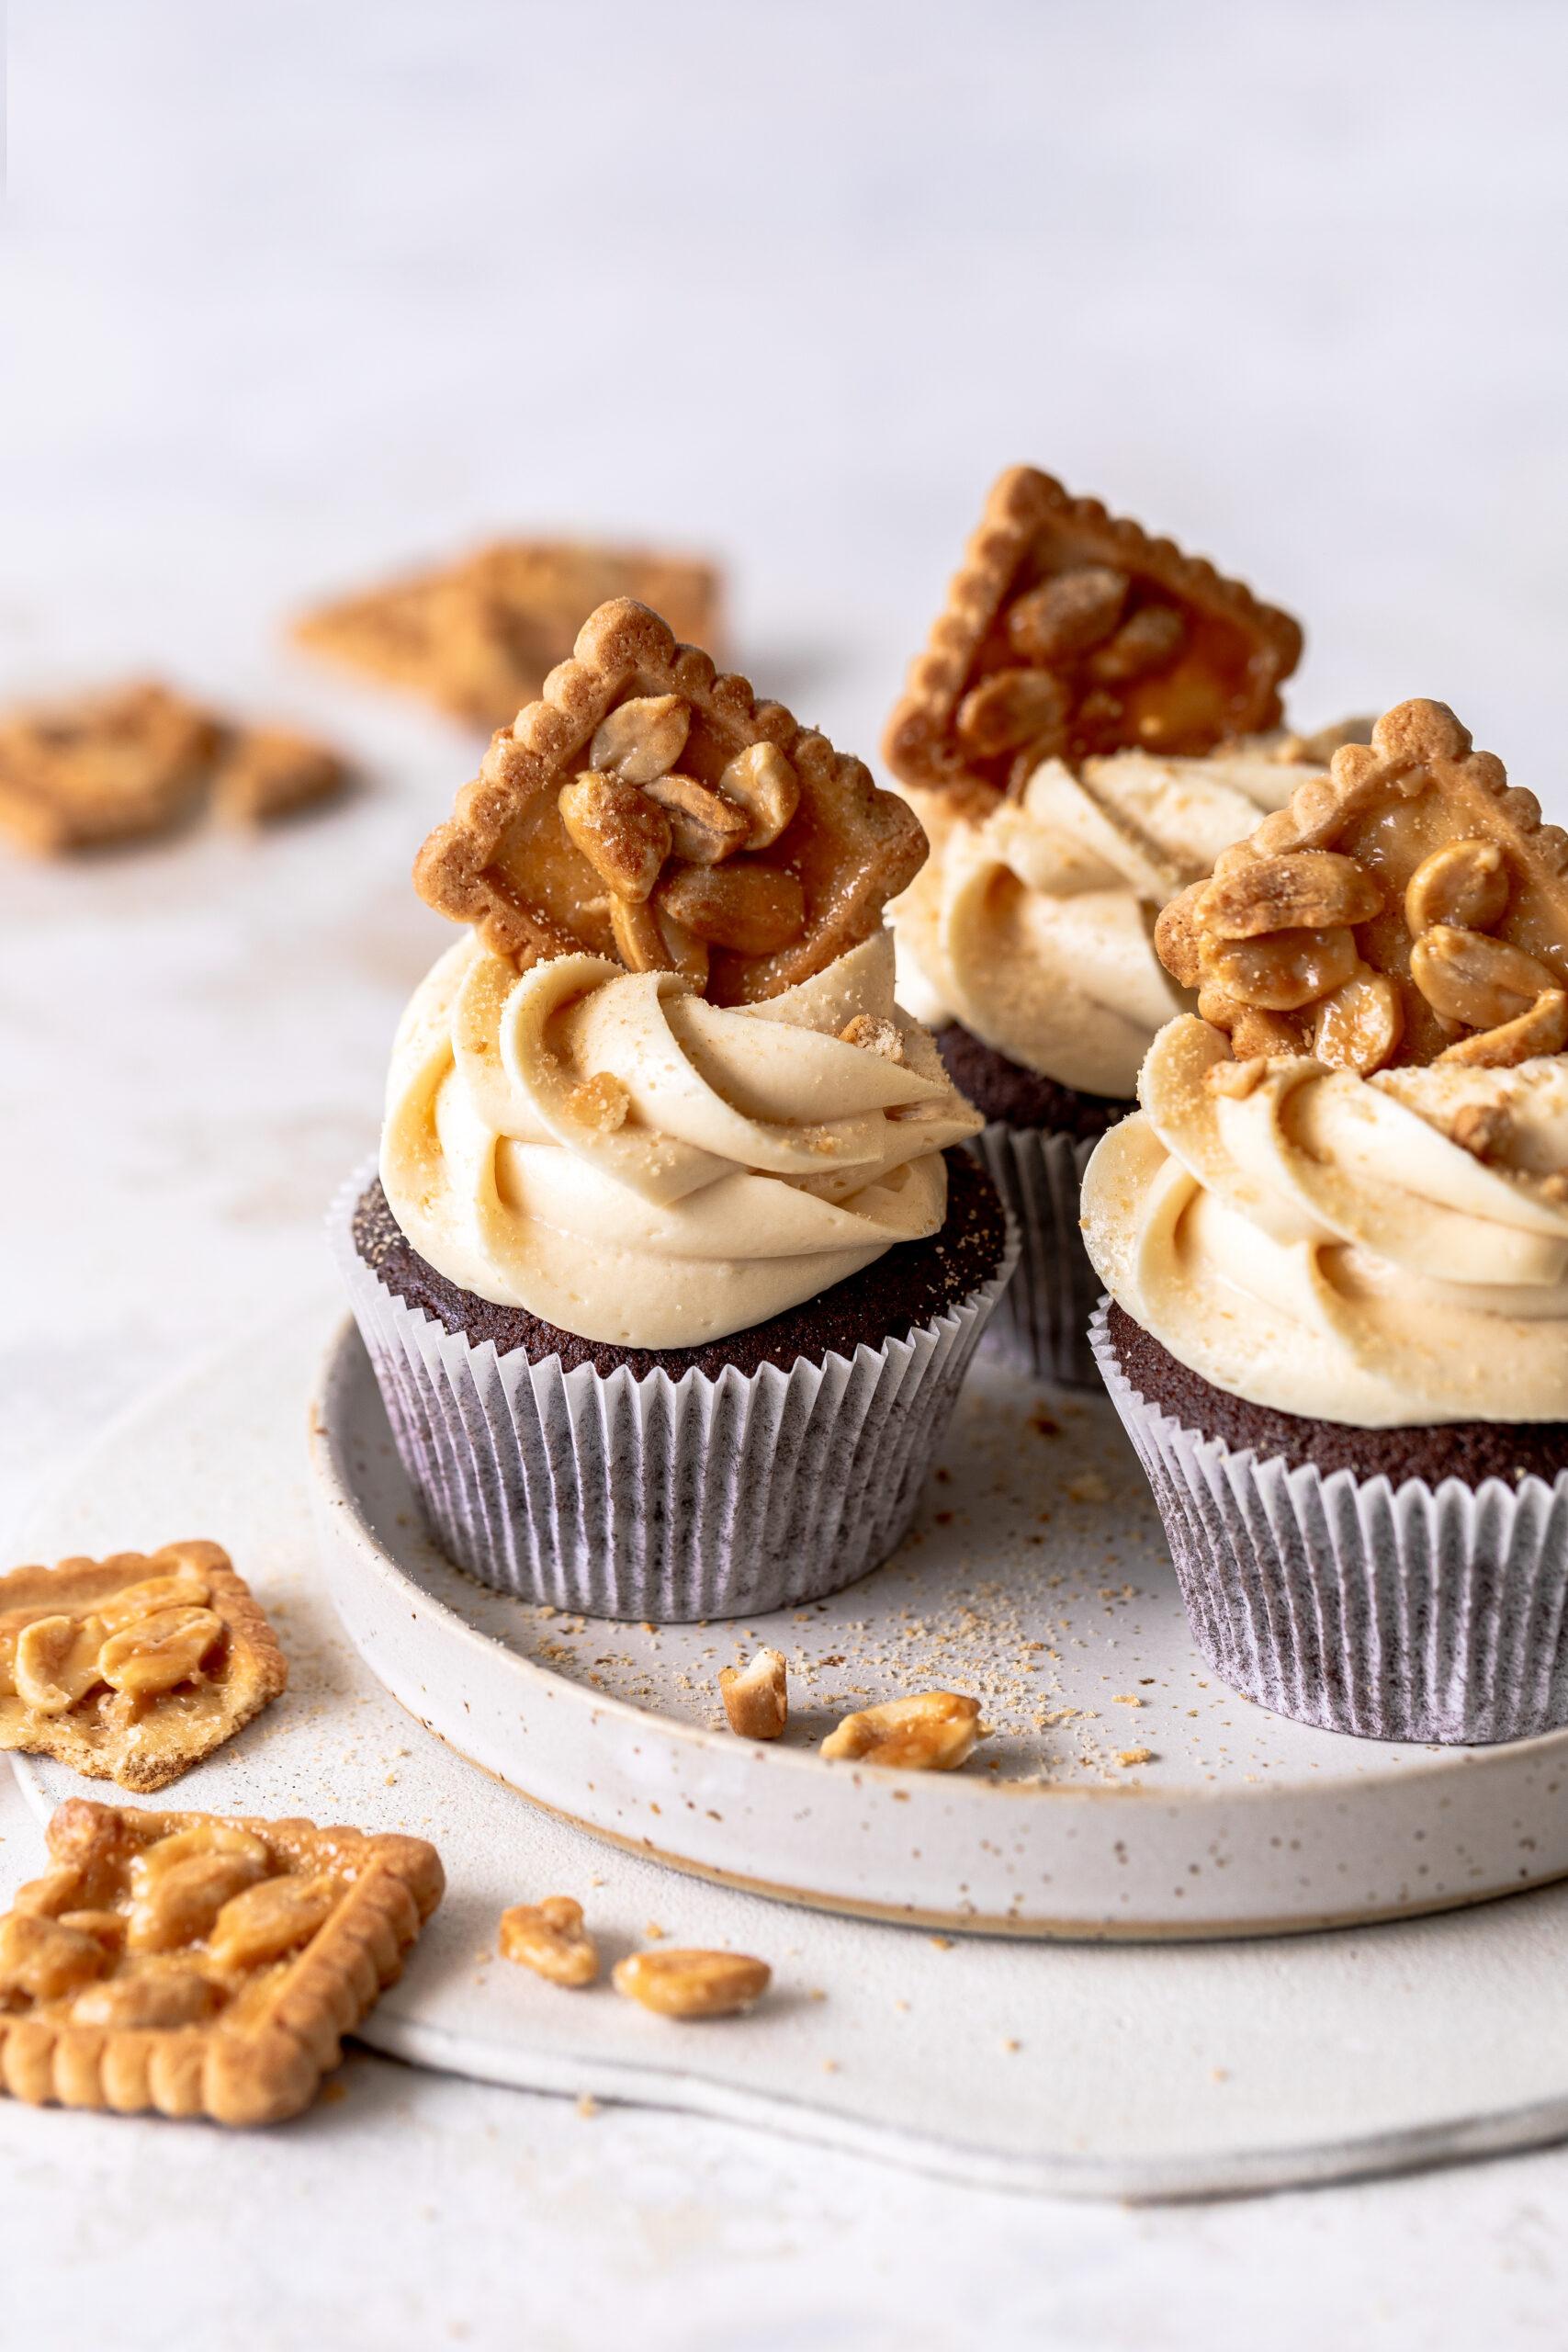 Erdnuss-Schoko-Cupcakes aus dem Besser Backen Ebook mit Emma. Grundrezepte, Techniken, Tipps und Tricks. Backen kann so einfach sein. Emmas Lieblingsstücke